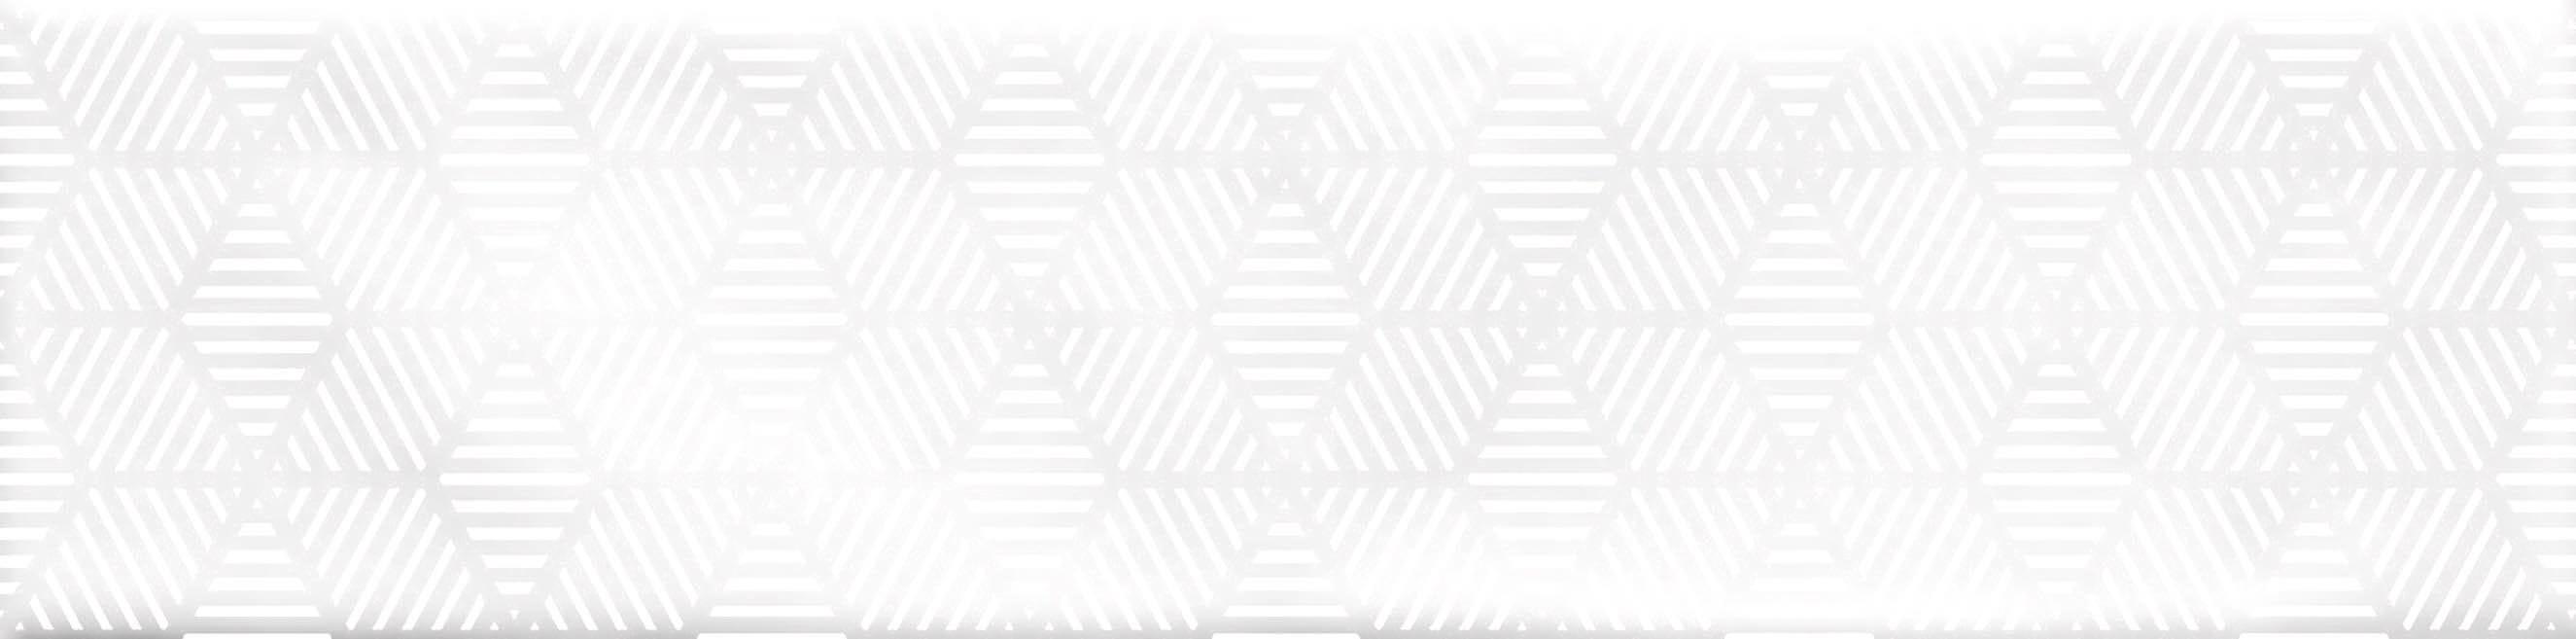 Décor Snow / 3x12 Olympus - Hypnos 0